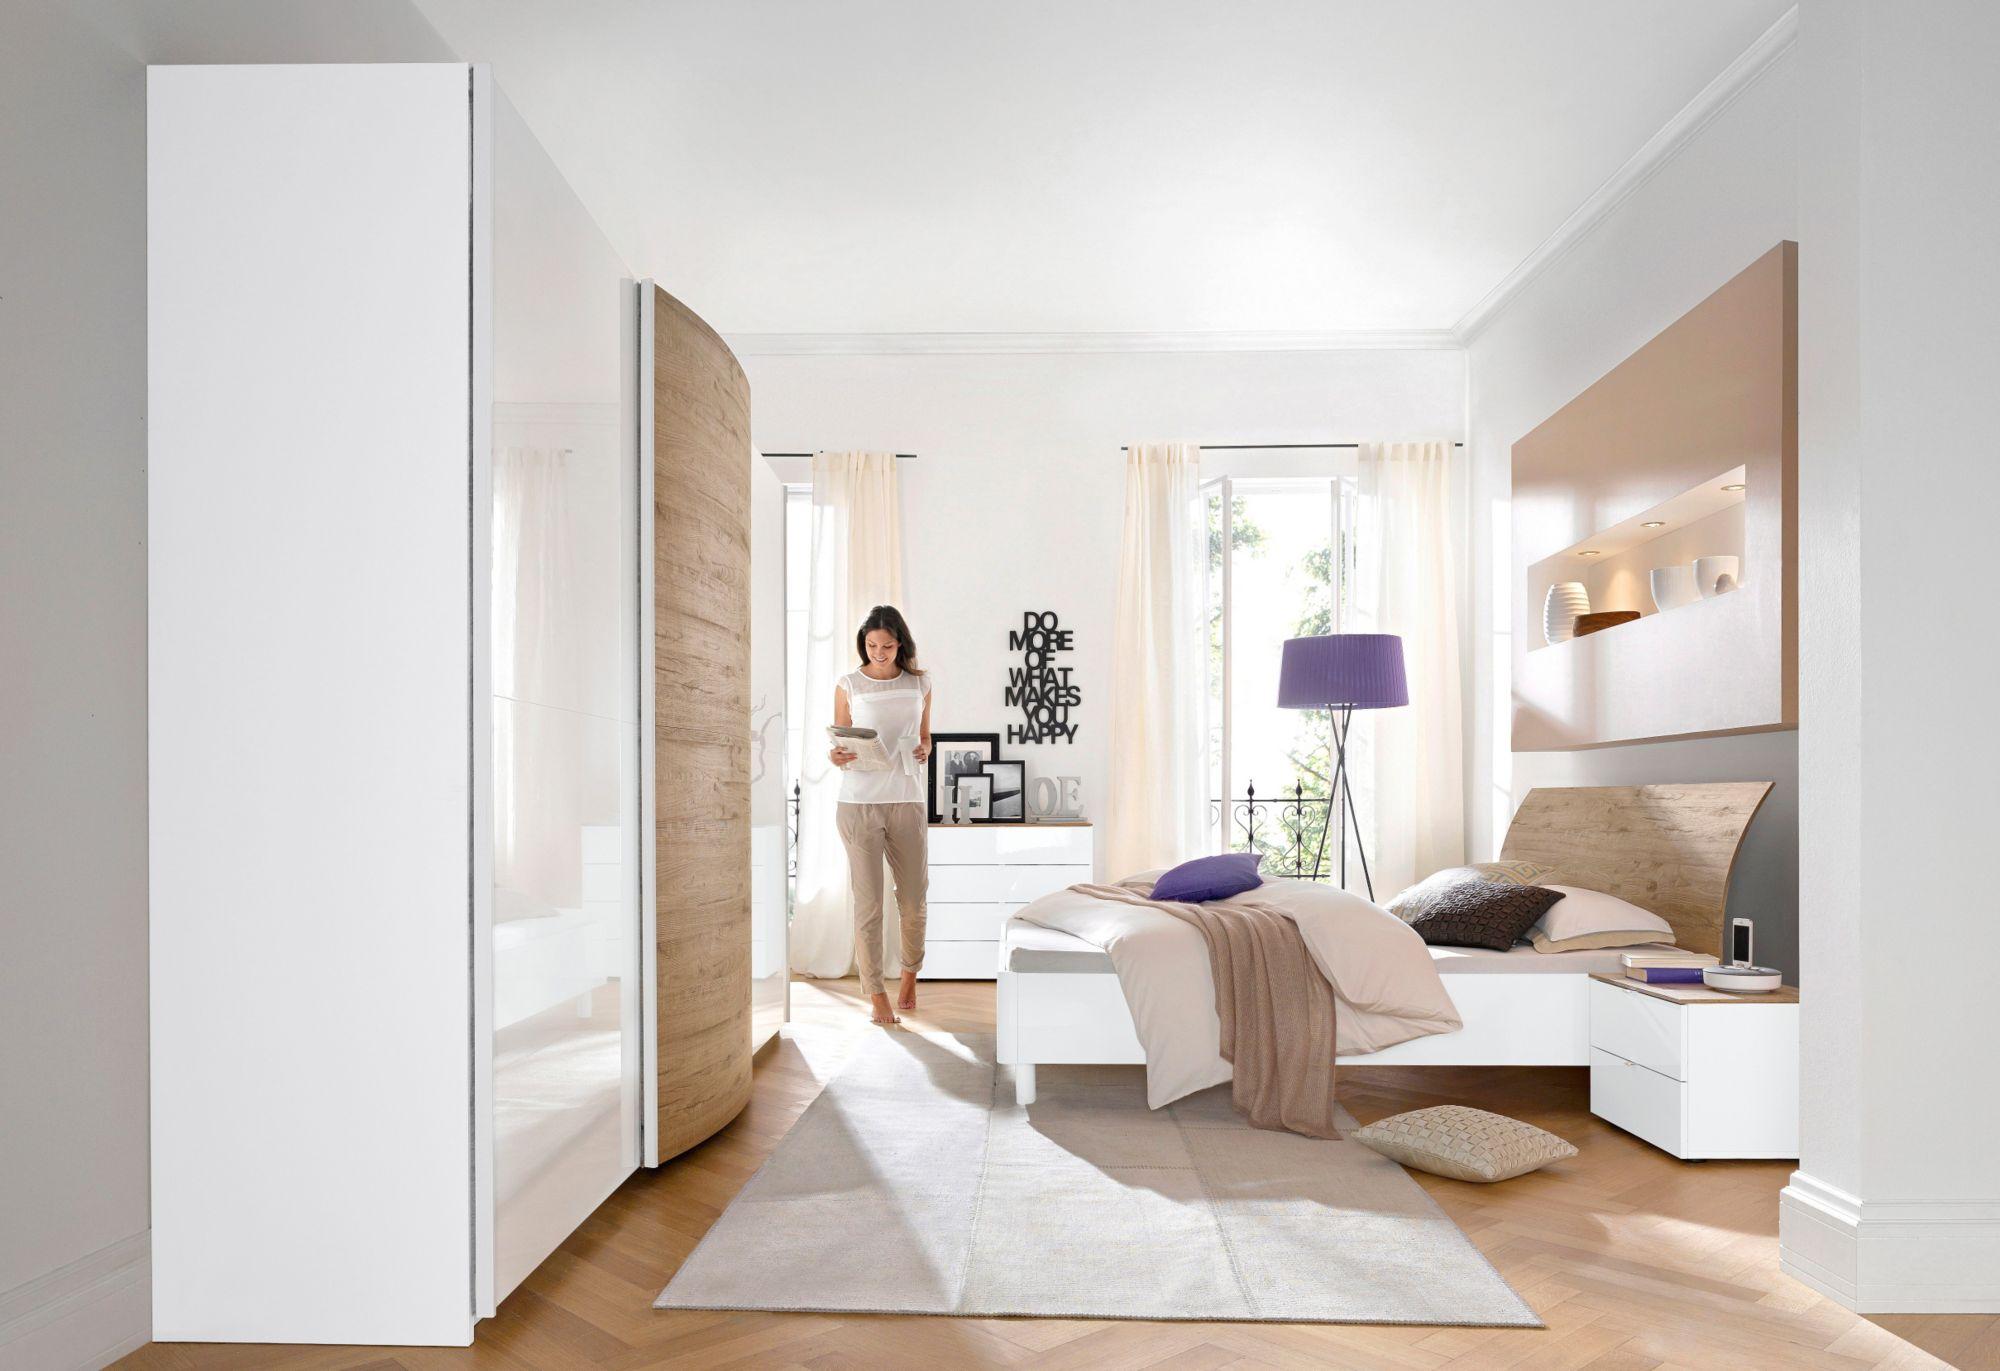 lc schlafzimmer set 4 tlg schwab versand schlafm bel. Black Bedroom Furniture Sets. Home Design Ideas